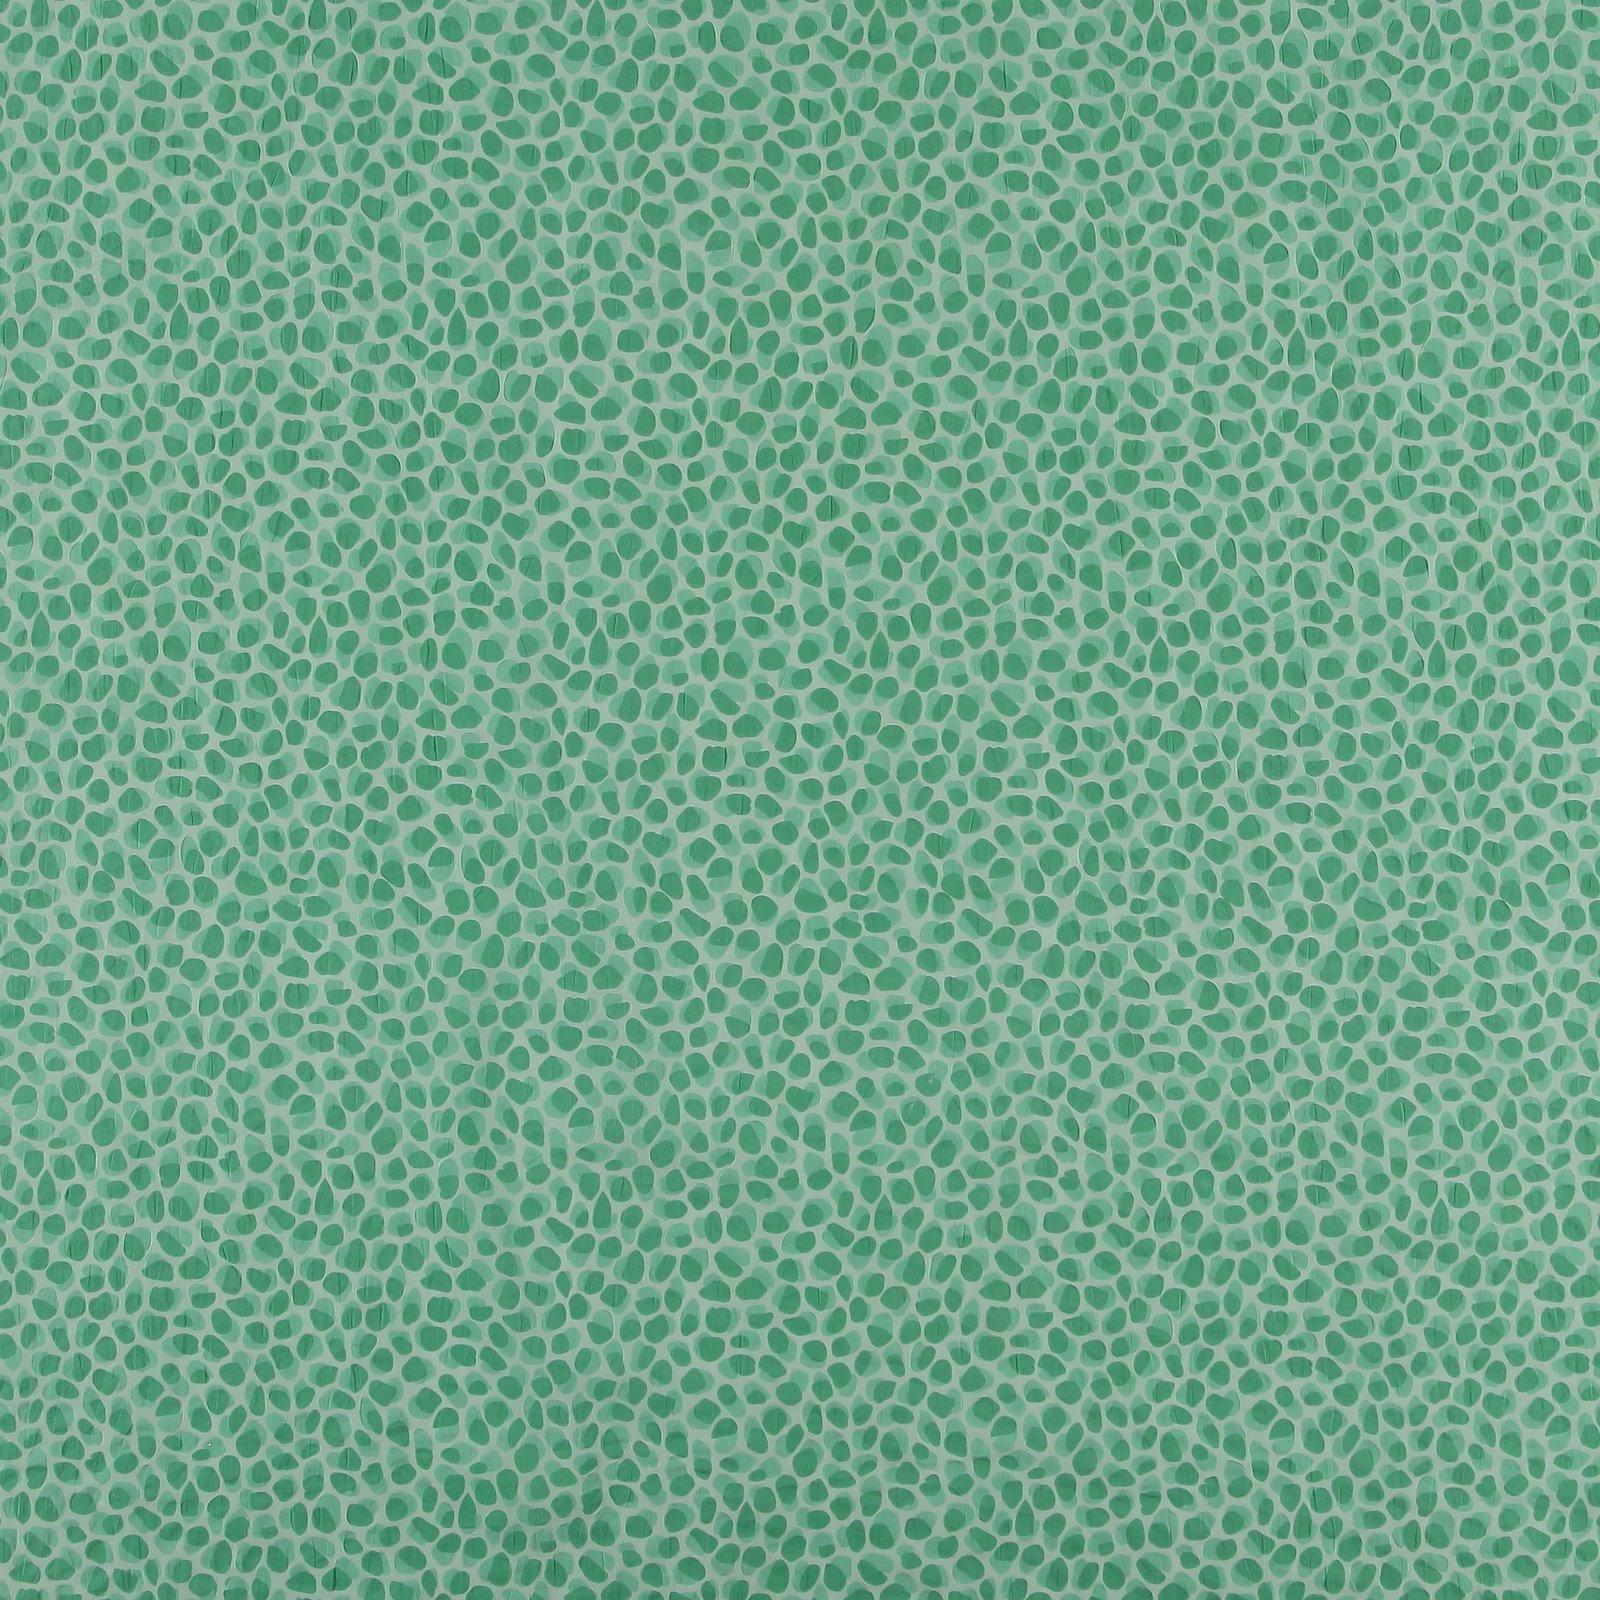 Seersucker light green with dots 580066_pack_sp